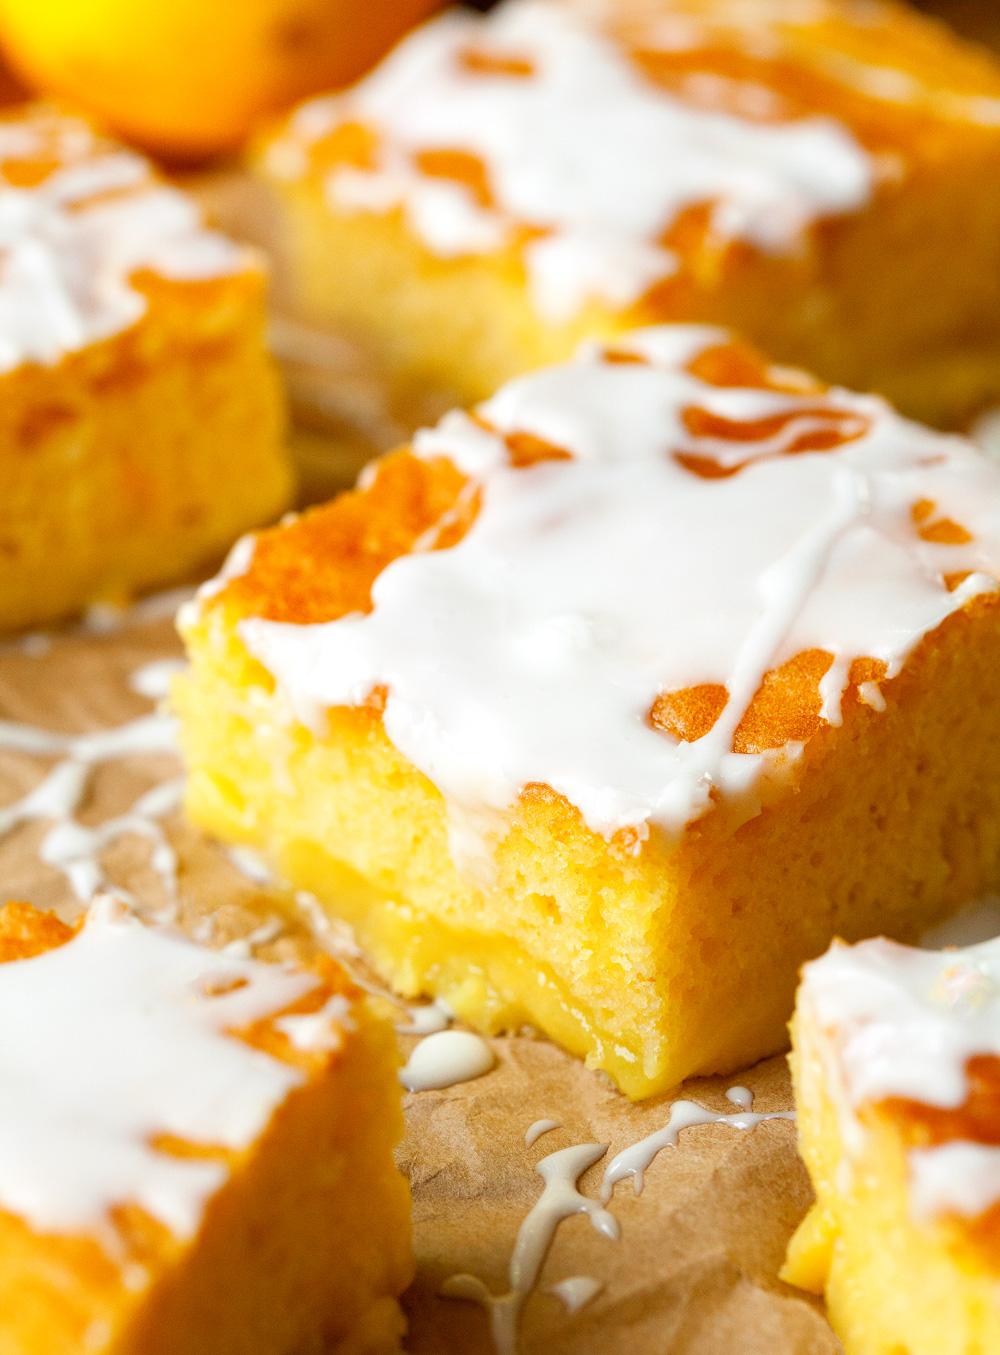 Glazed Lemon Pudding Cake